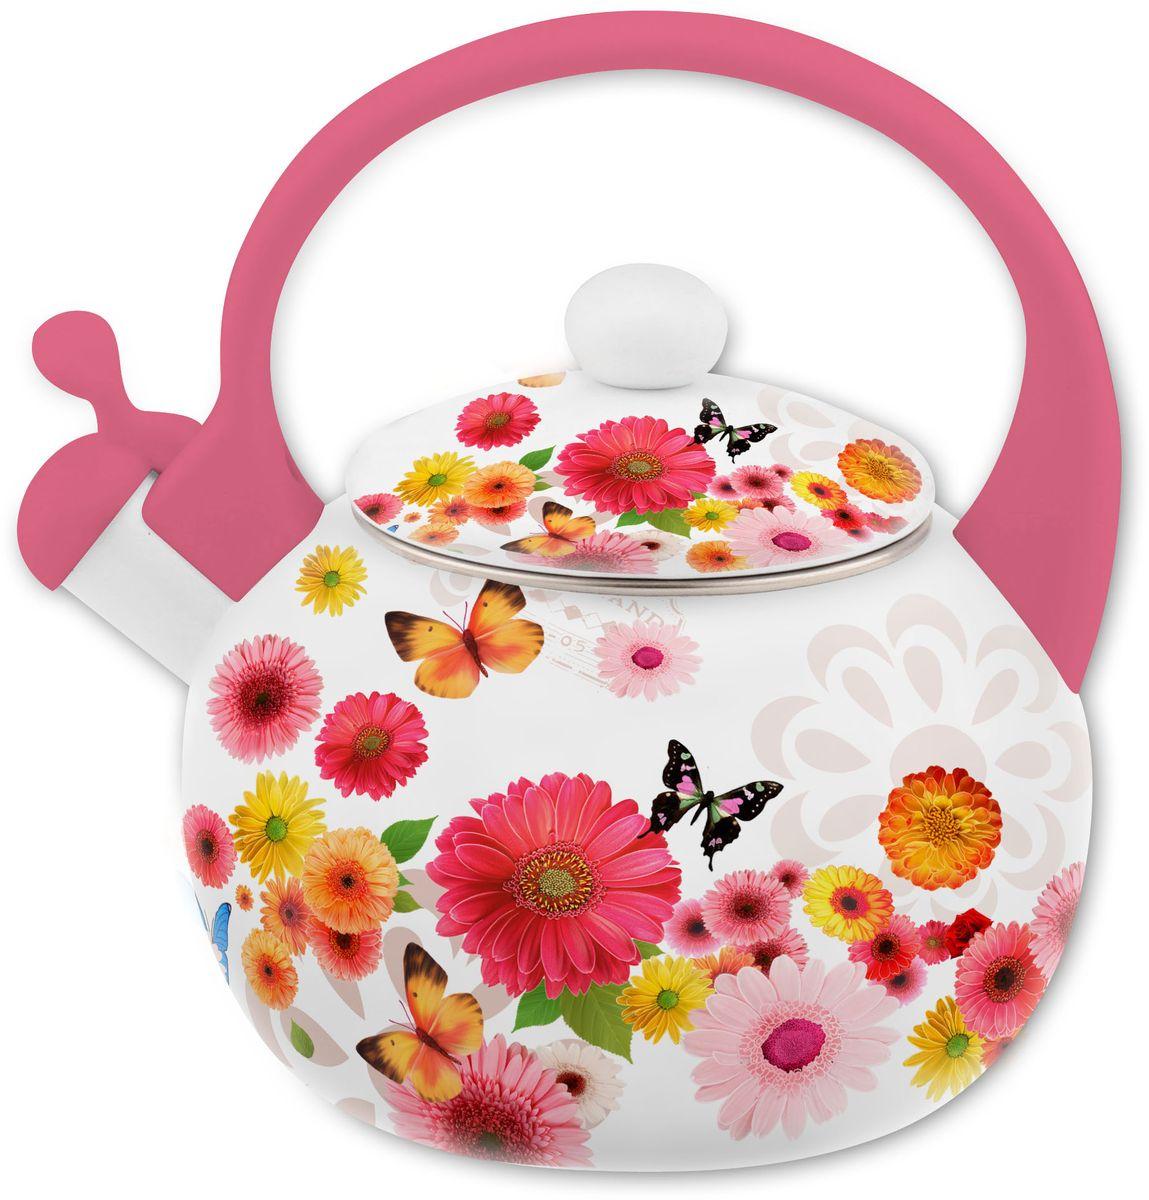 Чайник Appetite Симфония, со свистком, 2 л4690510053571Чайник Appetite Симфония изготовлен из высококачественного стального проката с эмалированным покрытием. Эмалированная посуда очень удобна в использовании, она практична и элегантна. За такой посудой легко ухаживать: чистить и мыть. Чайники с эмалированным покрытием обладают неоспоримым преимуществом: гладкая поверхность не впитывает запахи и препятствует размножению бактерий.Чайник оснащен удобной бакелитовой ручкой. Носик чайника имеет откидной свисток, звуковой сигнал которого подскажет, когда закипит вода.Подходит для использования на всех видах плит: электрических, газовых, стеклокерамических, индукционных.